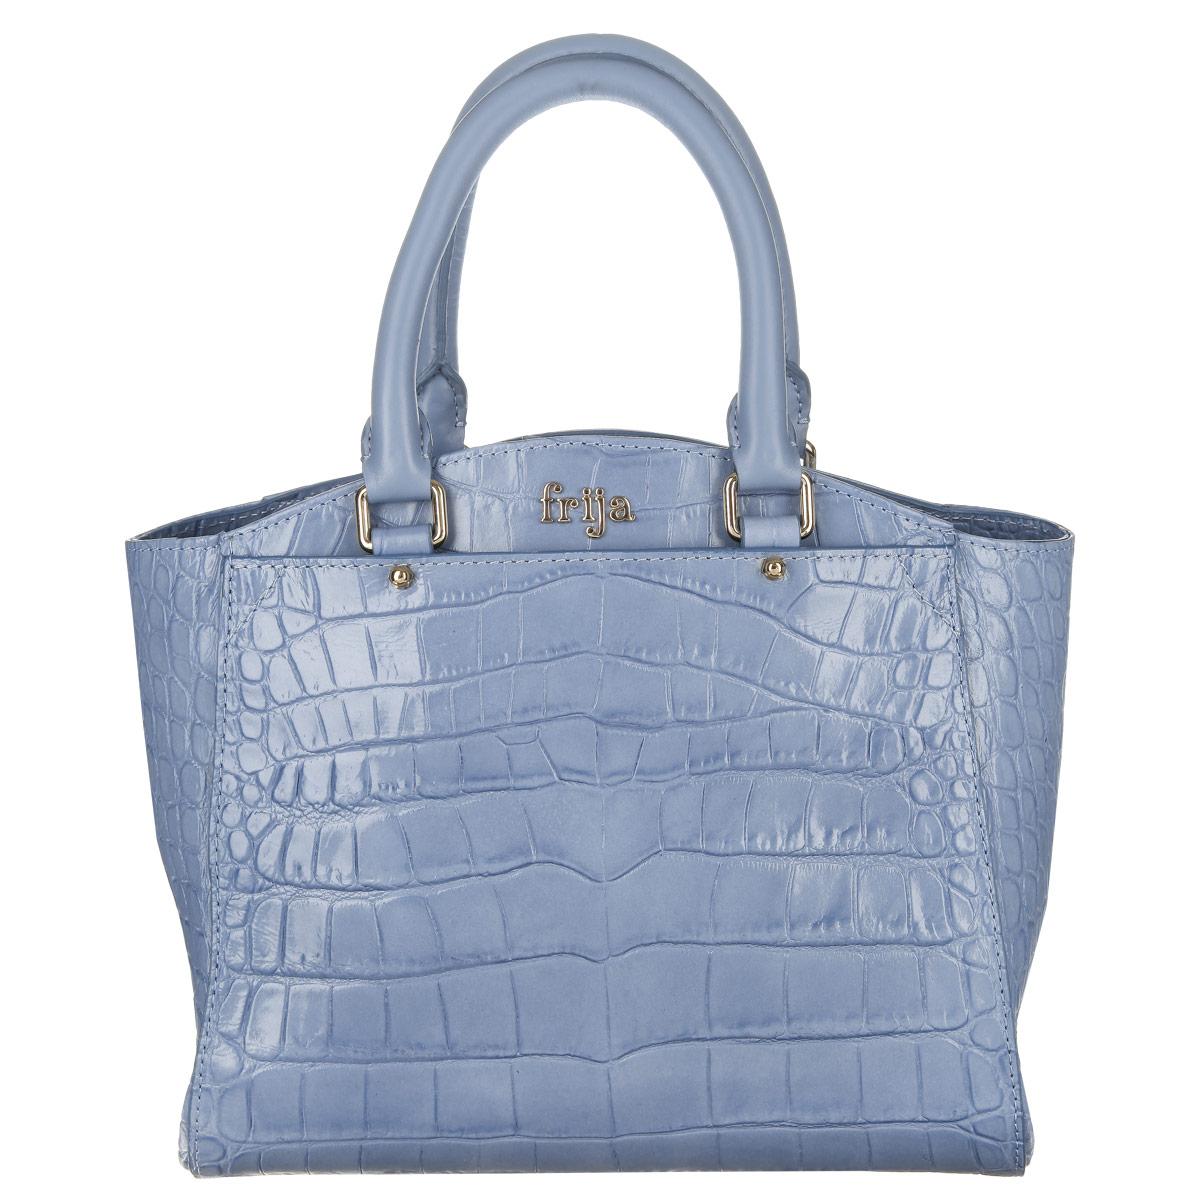 Сумка женская Frija, цвет: голубой. 21-0223-13-CR21-0223-13-CRСтильная женская сумка Frija выполнена из натуральной высококачественной кожи и оформлена тиснением под рептилию, гравировкой в виде названия бренда на лицевой стороне. Сумка имеет одно вместительное отделение, закрывающееся хлястиком на магнитную кнопку. Внутри отделения - два накладных кармашка для мелочей и телефона и врезной карман на застежке-молнии. На лицевой стороне сумка дополнена вместительным накладным карманом на магнитной кнопке. Ручки-жгуты крепятся к корпусу сумки на металлическую фурнитуру золотого цвета. В комплект с сумкой входит съемный плечевой ремень регулируемой длины. Сумка упакована в фирменный чехол. Сумка Frija - это стильный аксессуар, который подчеркнет вашу изысканность и индивидуальность и сделает ваш образ завершенным.